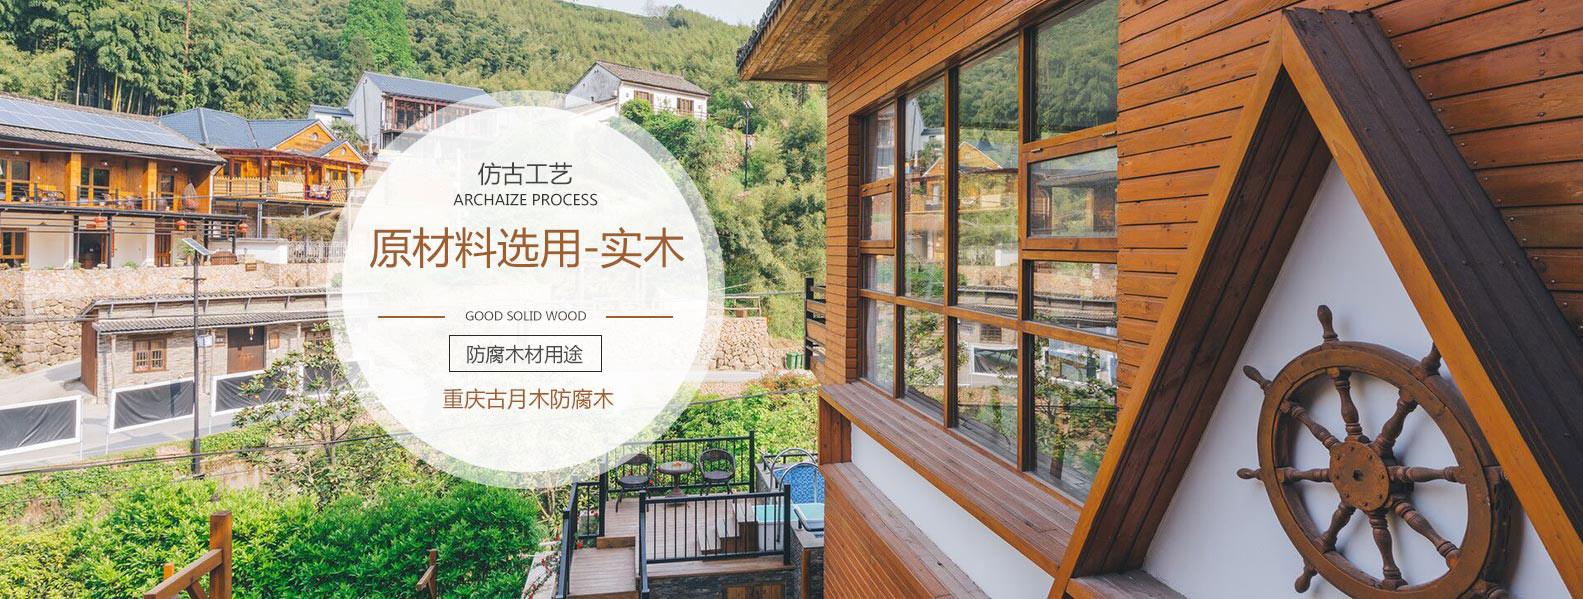 重庆防腐木制品